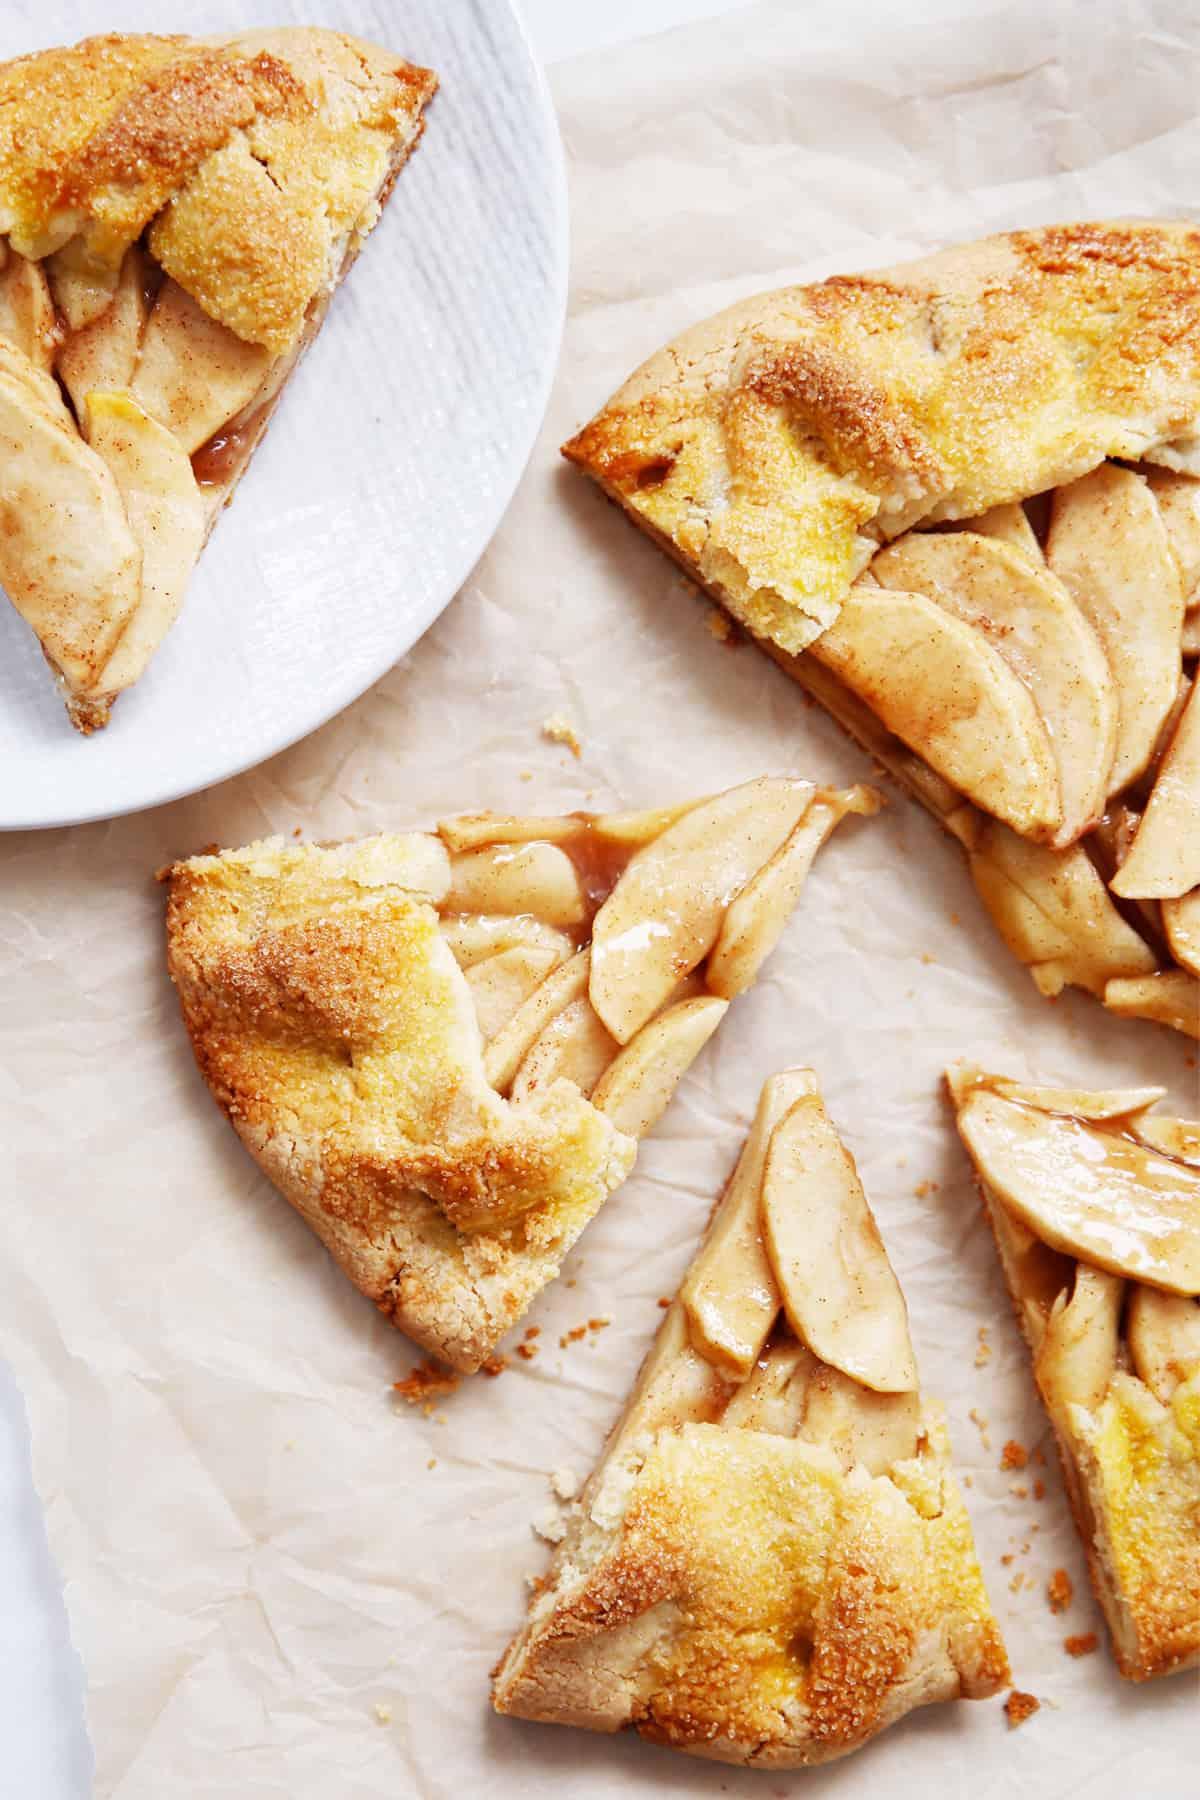 paleo apple dessert for fall sliced up